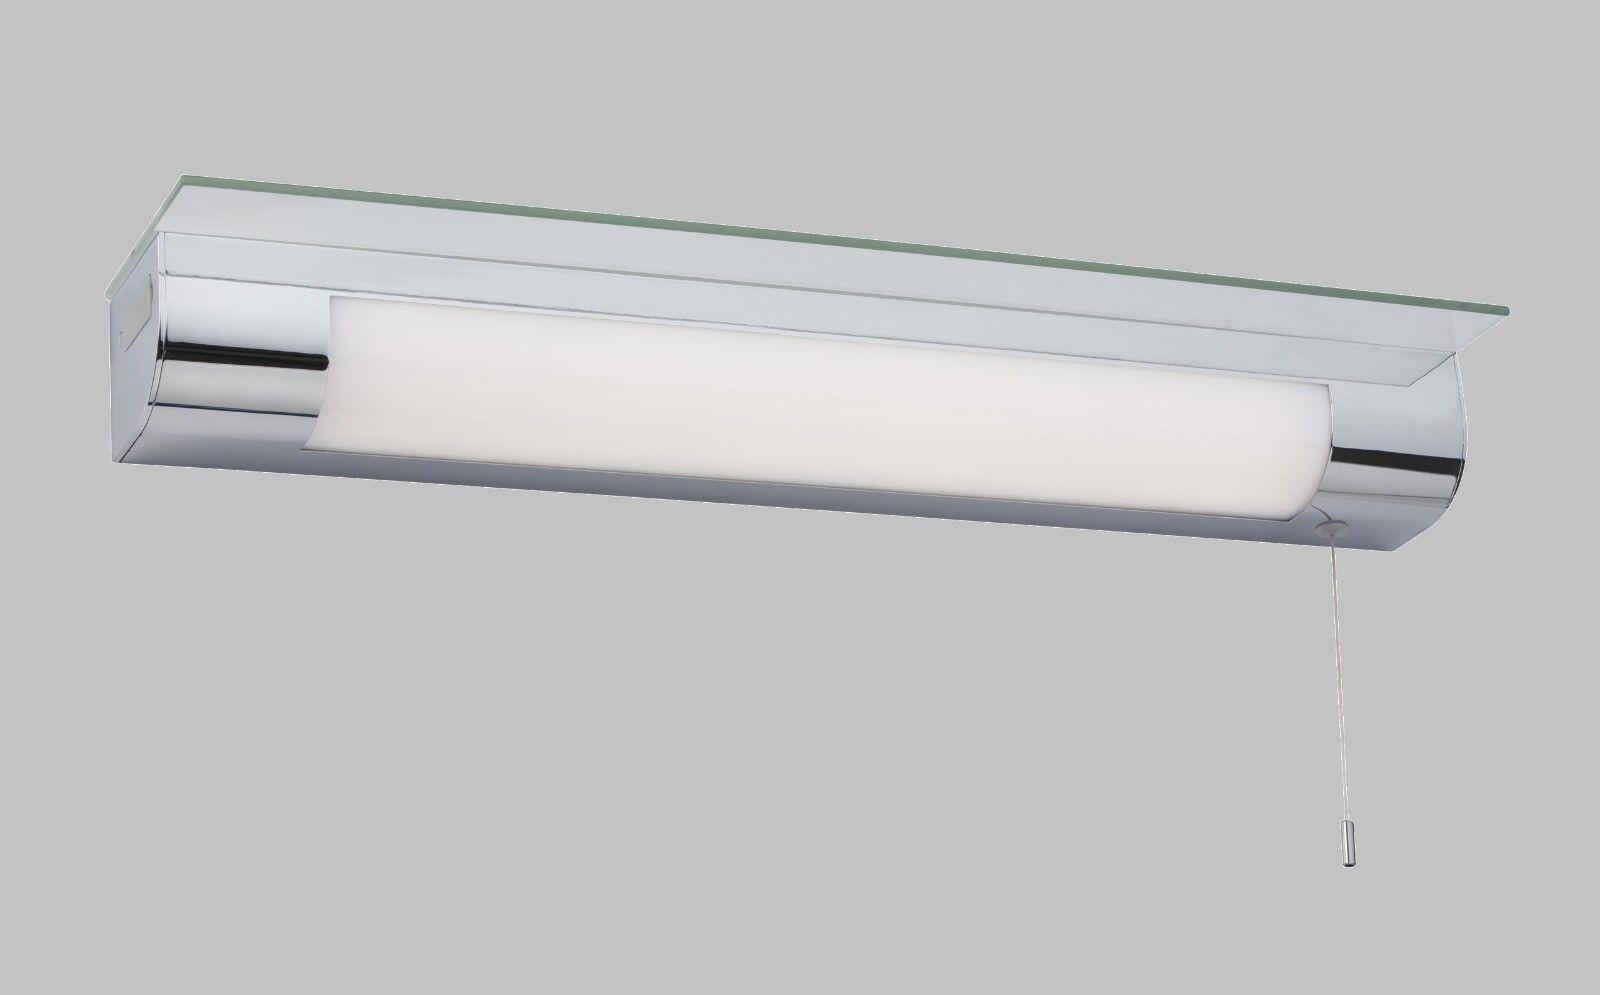 LED Luz de máquina de Cromo con puertos de carga USB y Estante-Producto Totalmente Nuevo